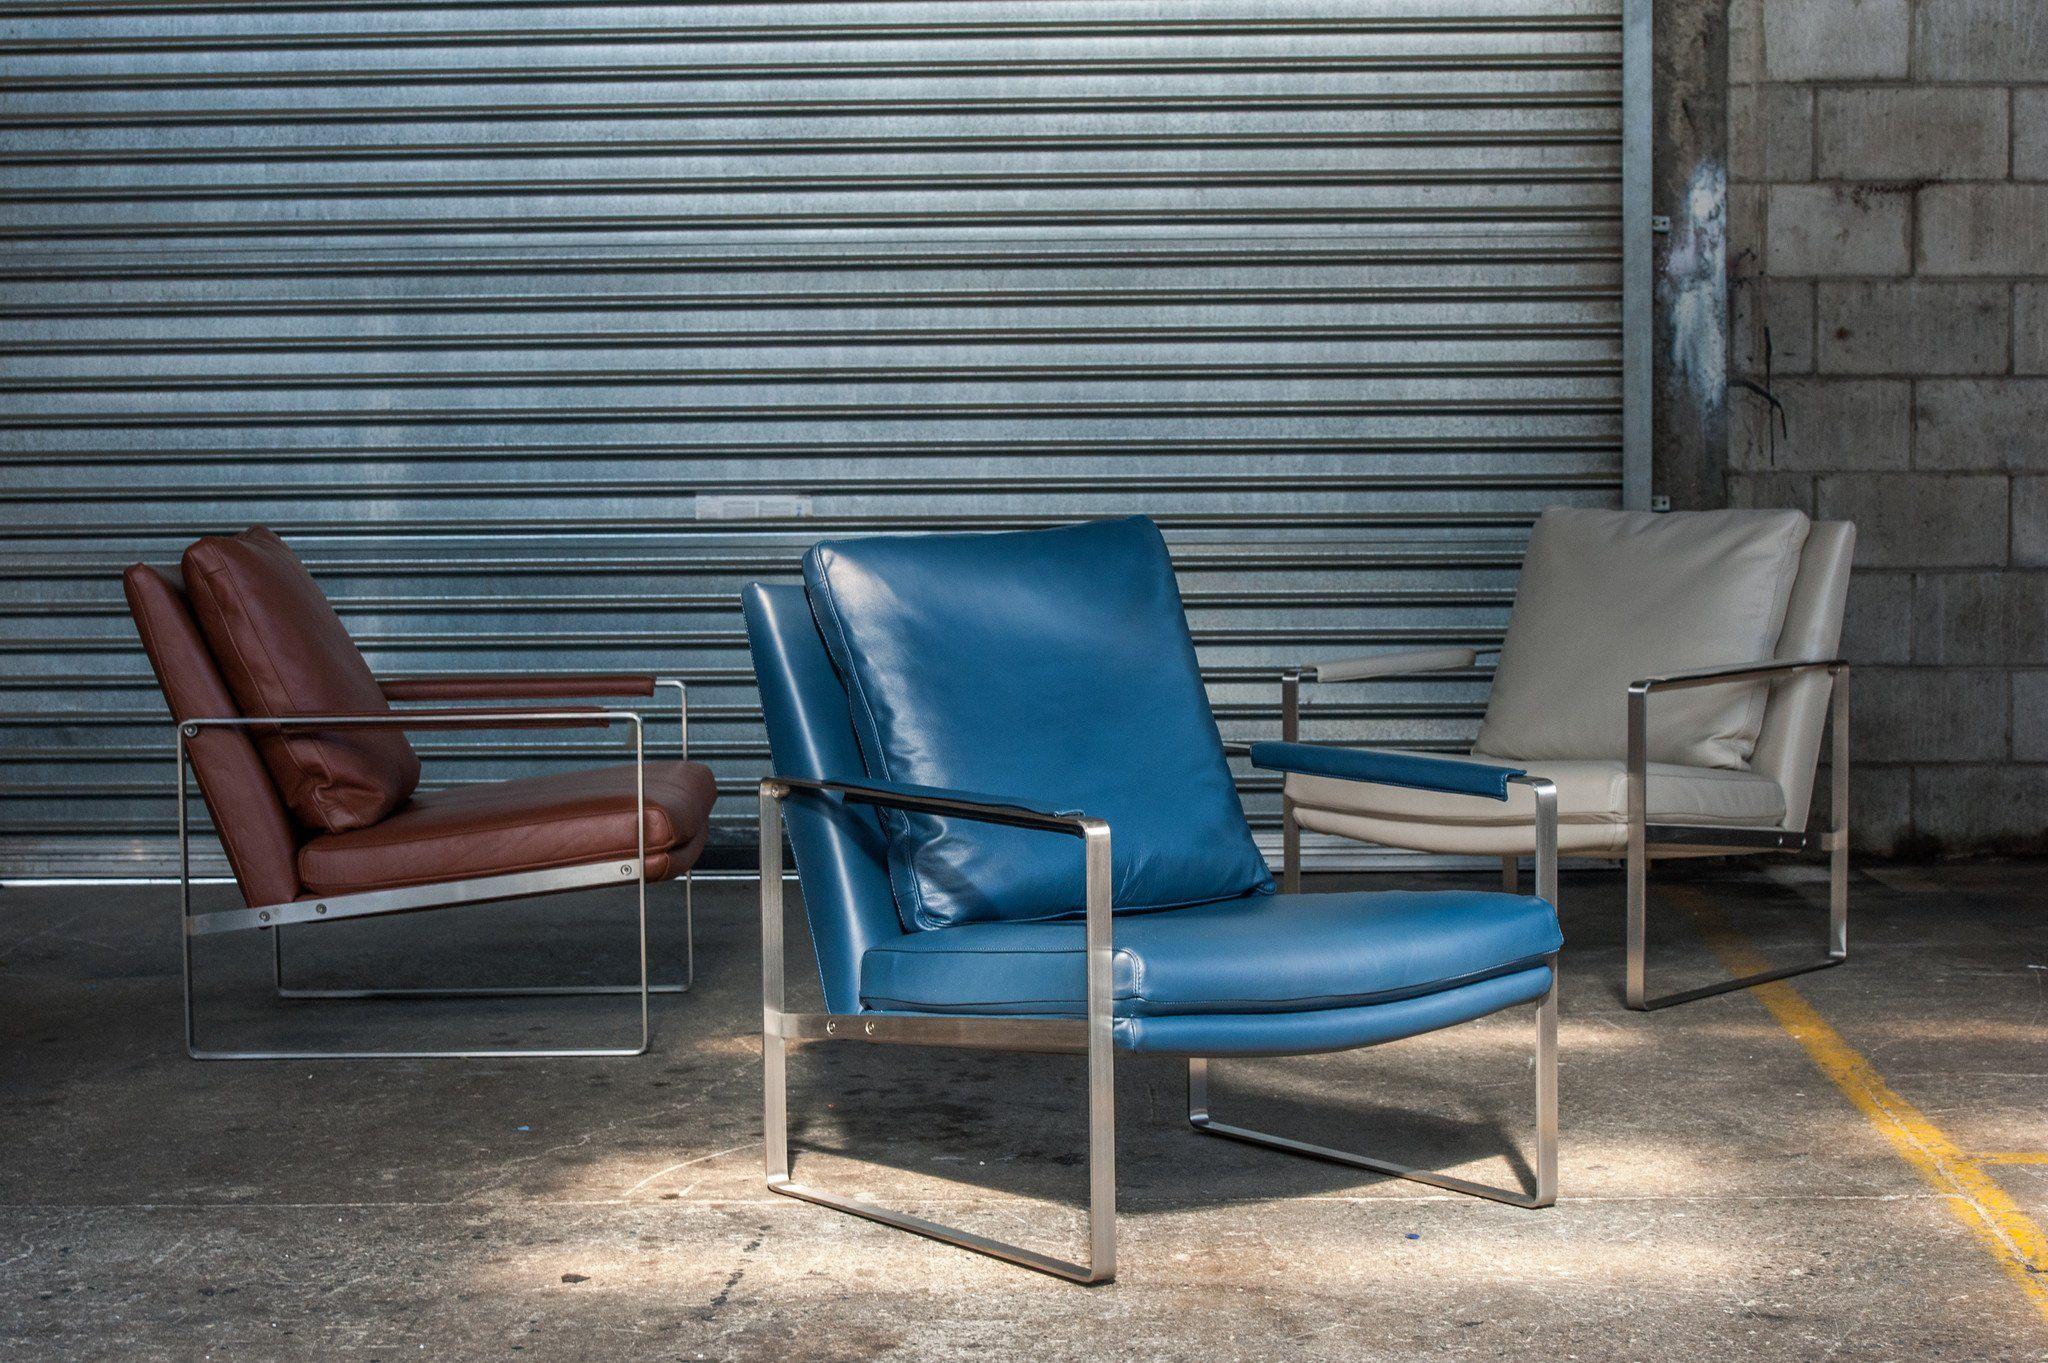 Tuinmeubelen solden ~ Camerich design meubelen solden antwerpen hanger met cristal